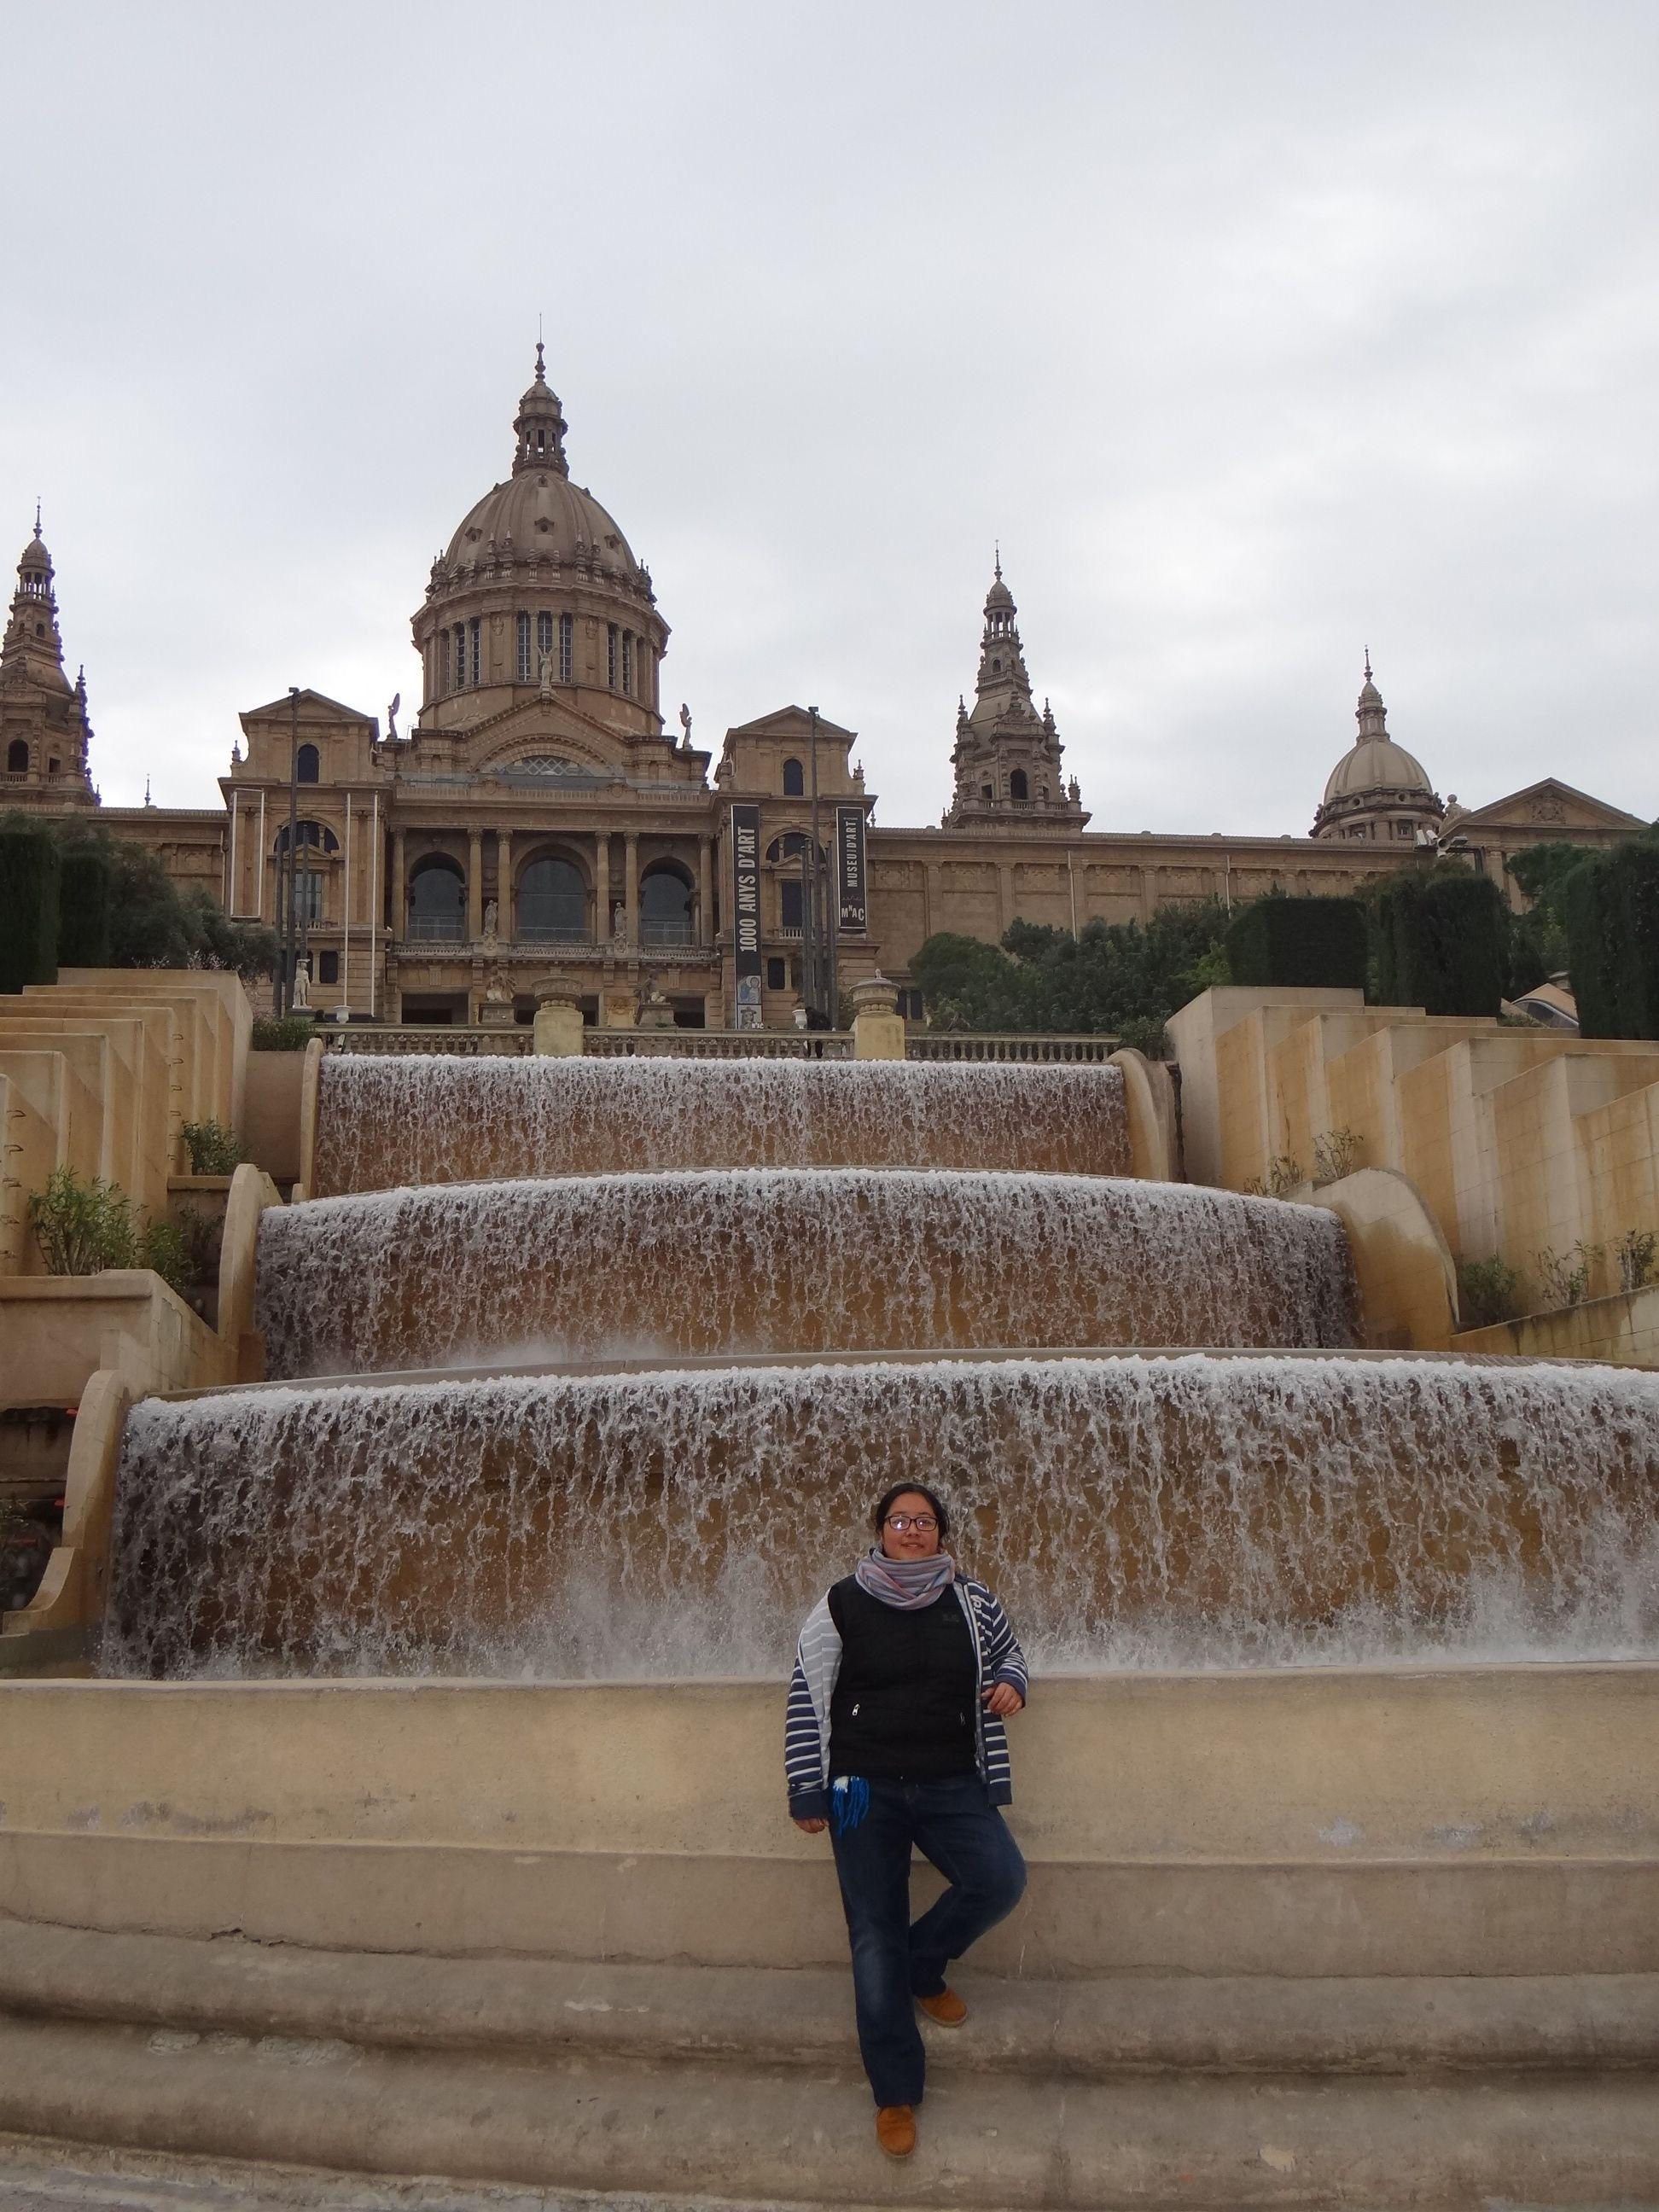 Parada rumbo al Palacio de Montjuic